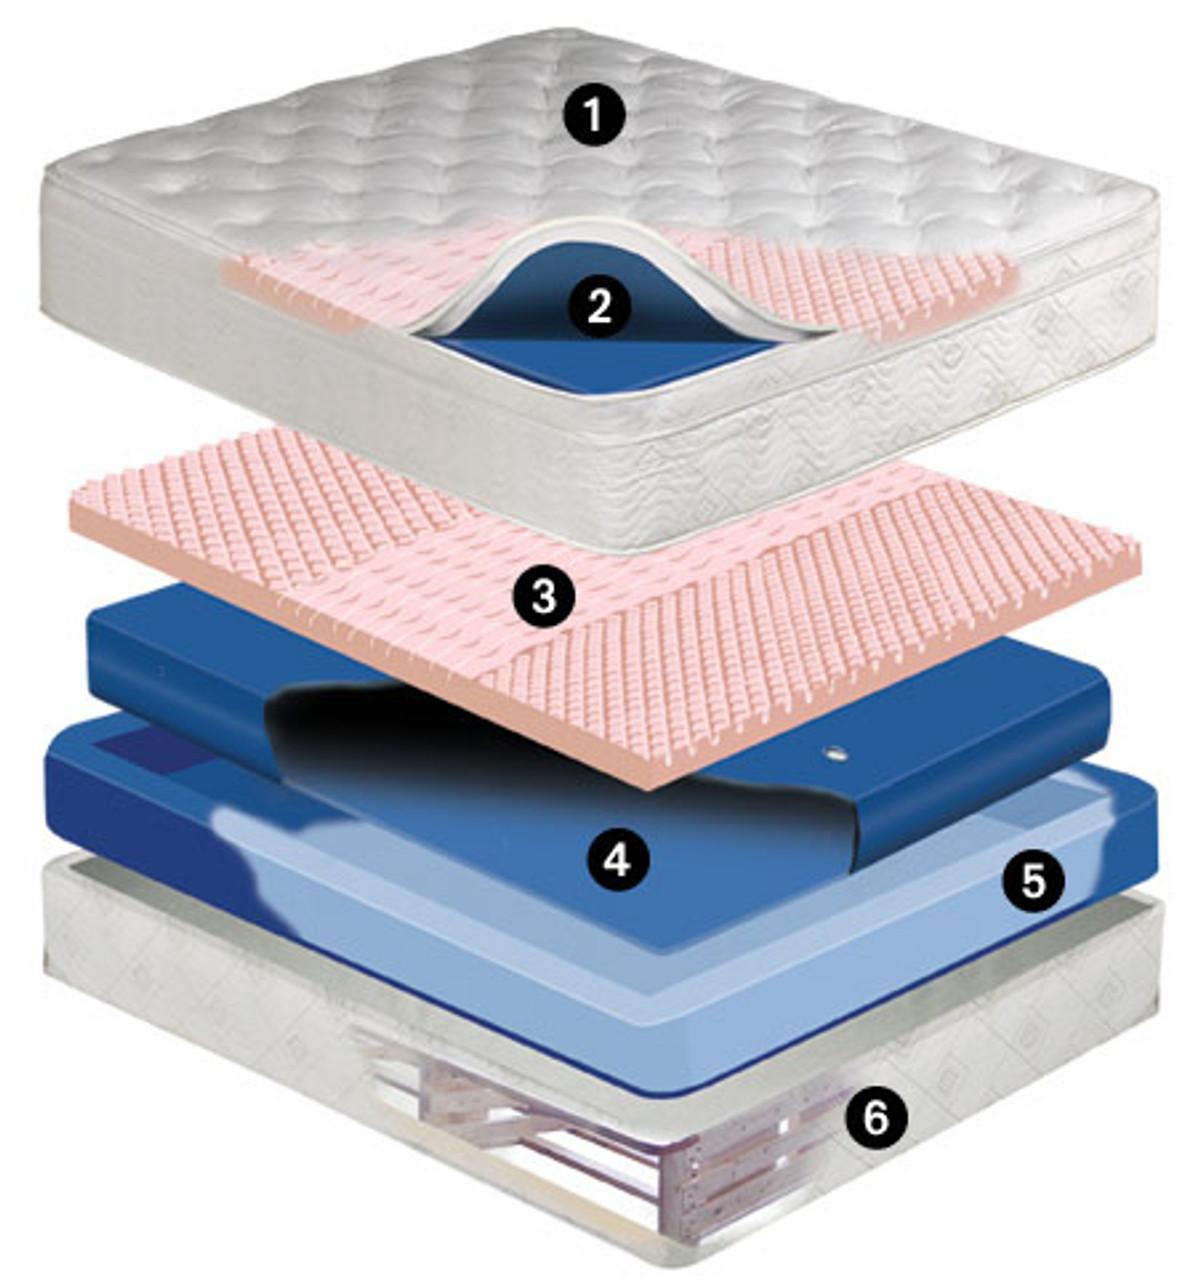 Pembroke Mid Fill 11 inch softside waterbed mattress Free Flow